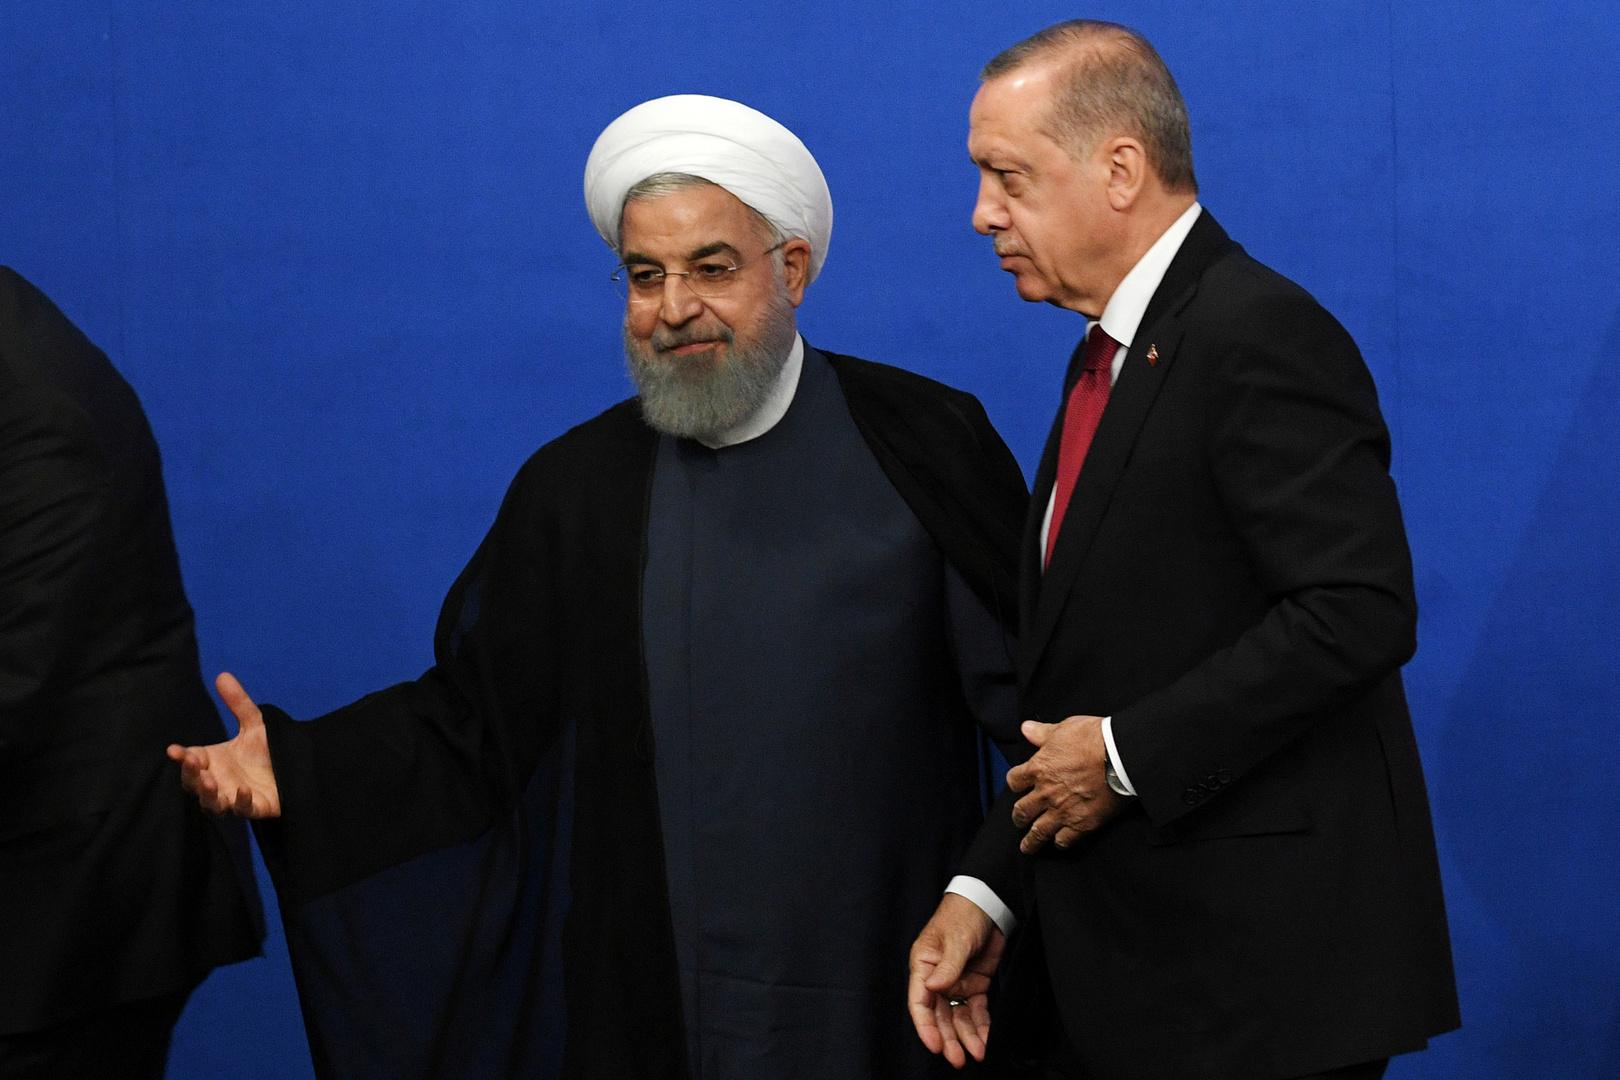 الرئيس الإيراني، حسن روحاني، ونظيره التركي، رجب طيب أردوغان